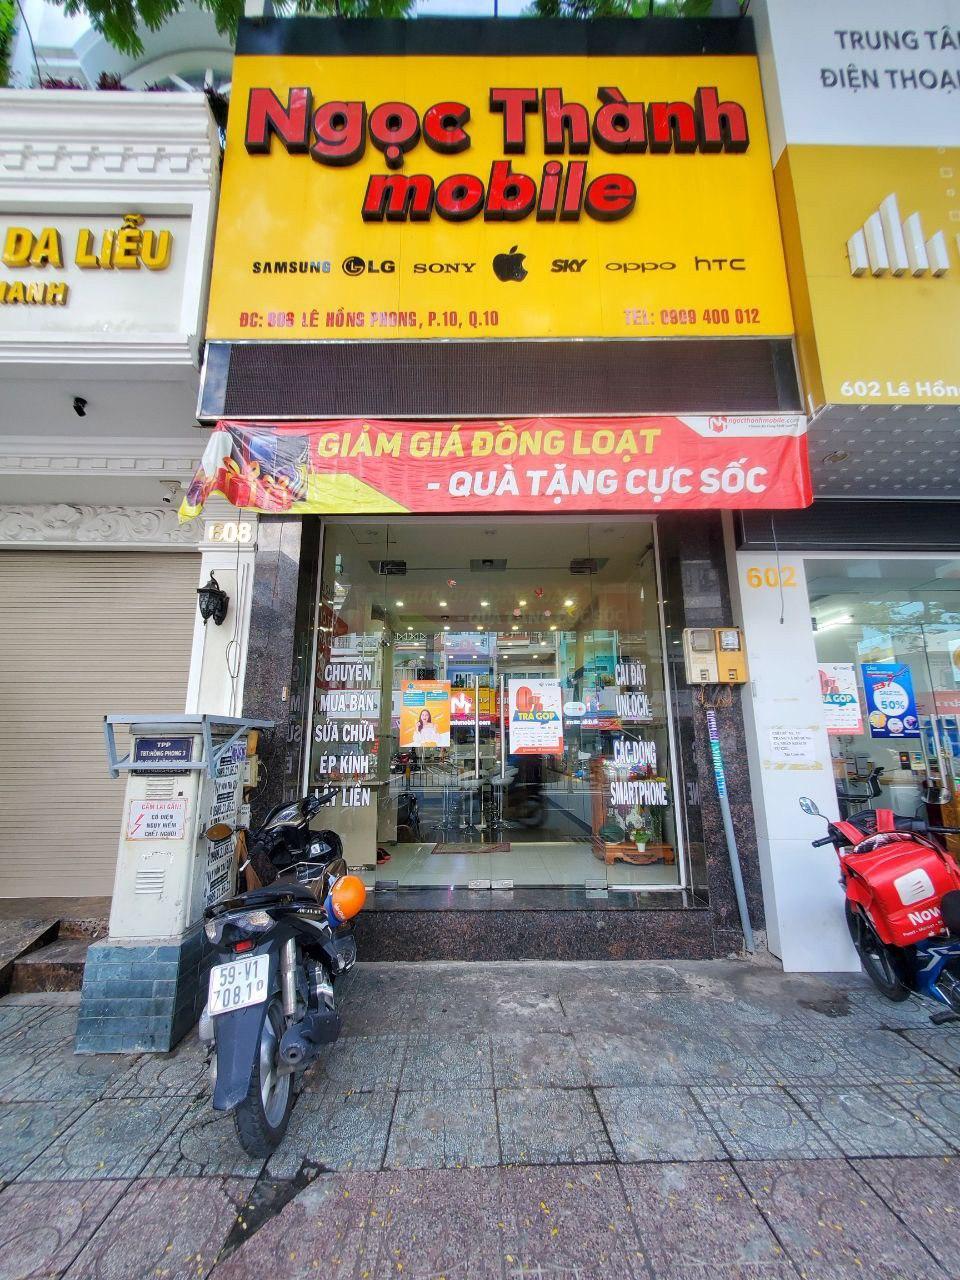 Ngọc Thành Mobile - Cửa hàng bán lẻ điện thoại uy tín và chất lượng - Tổng hợp Việt Nam